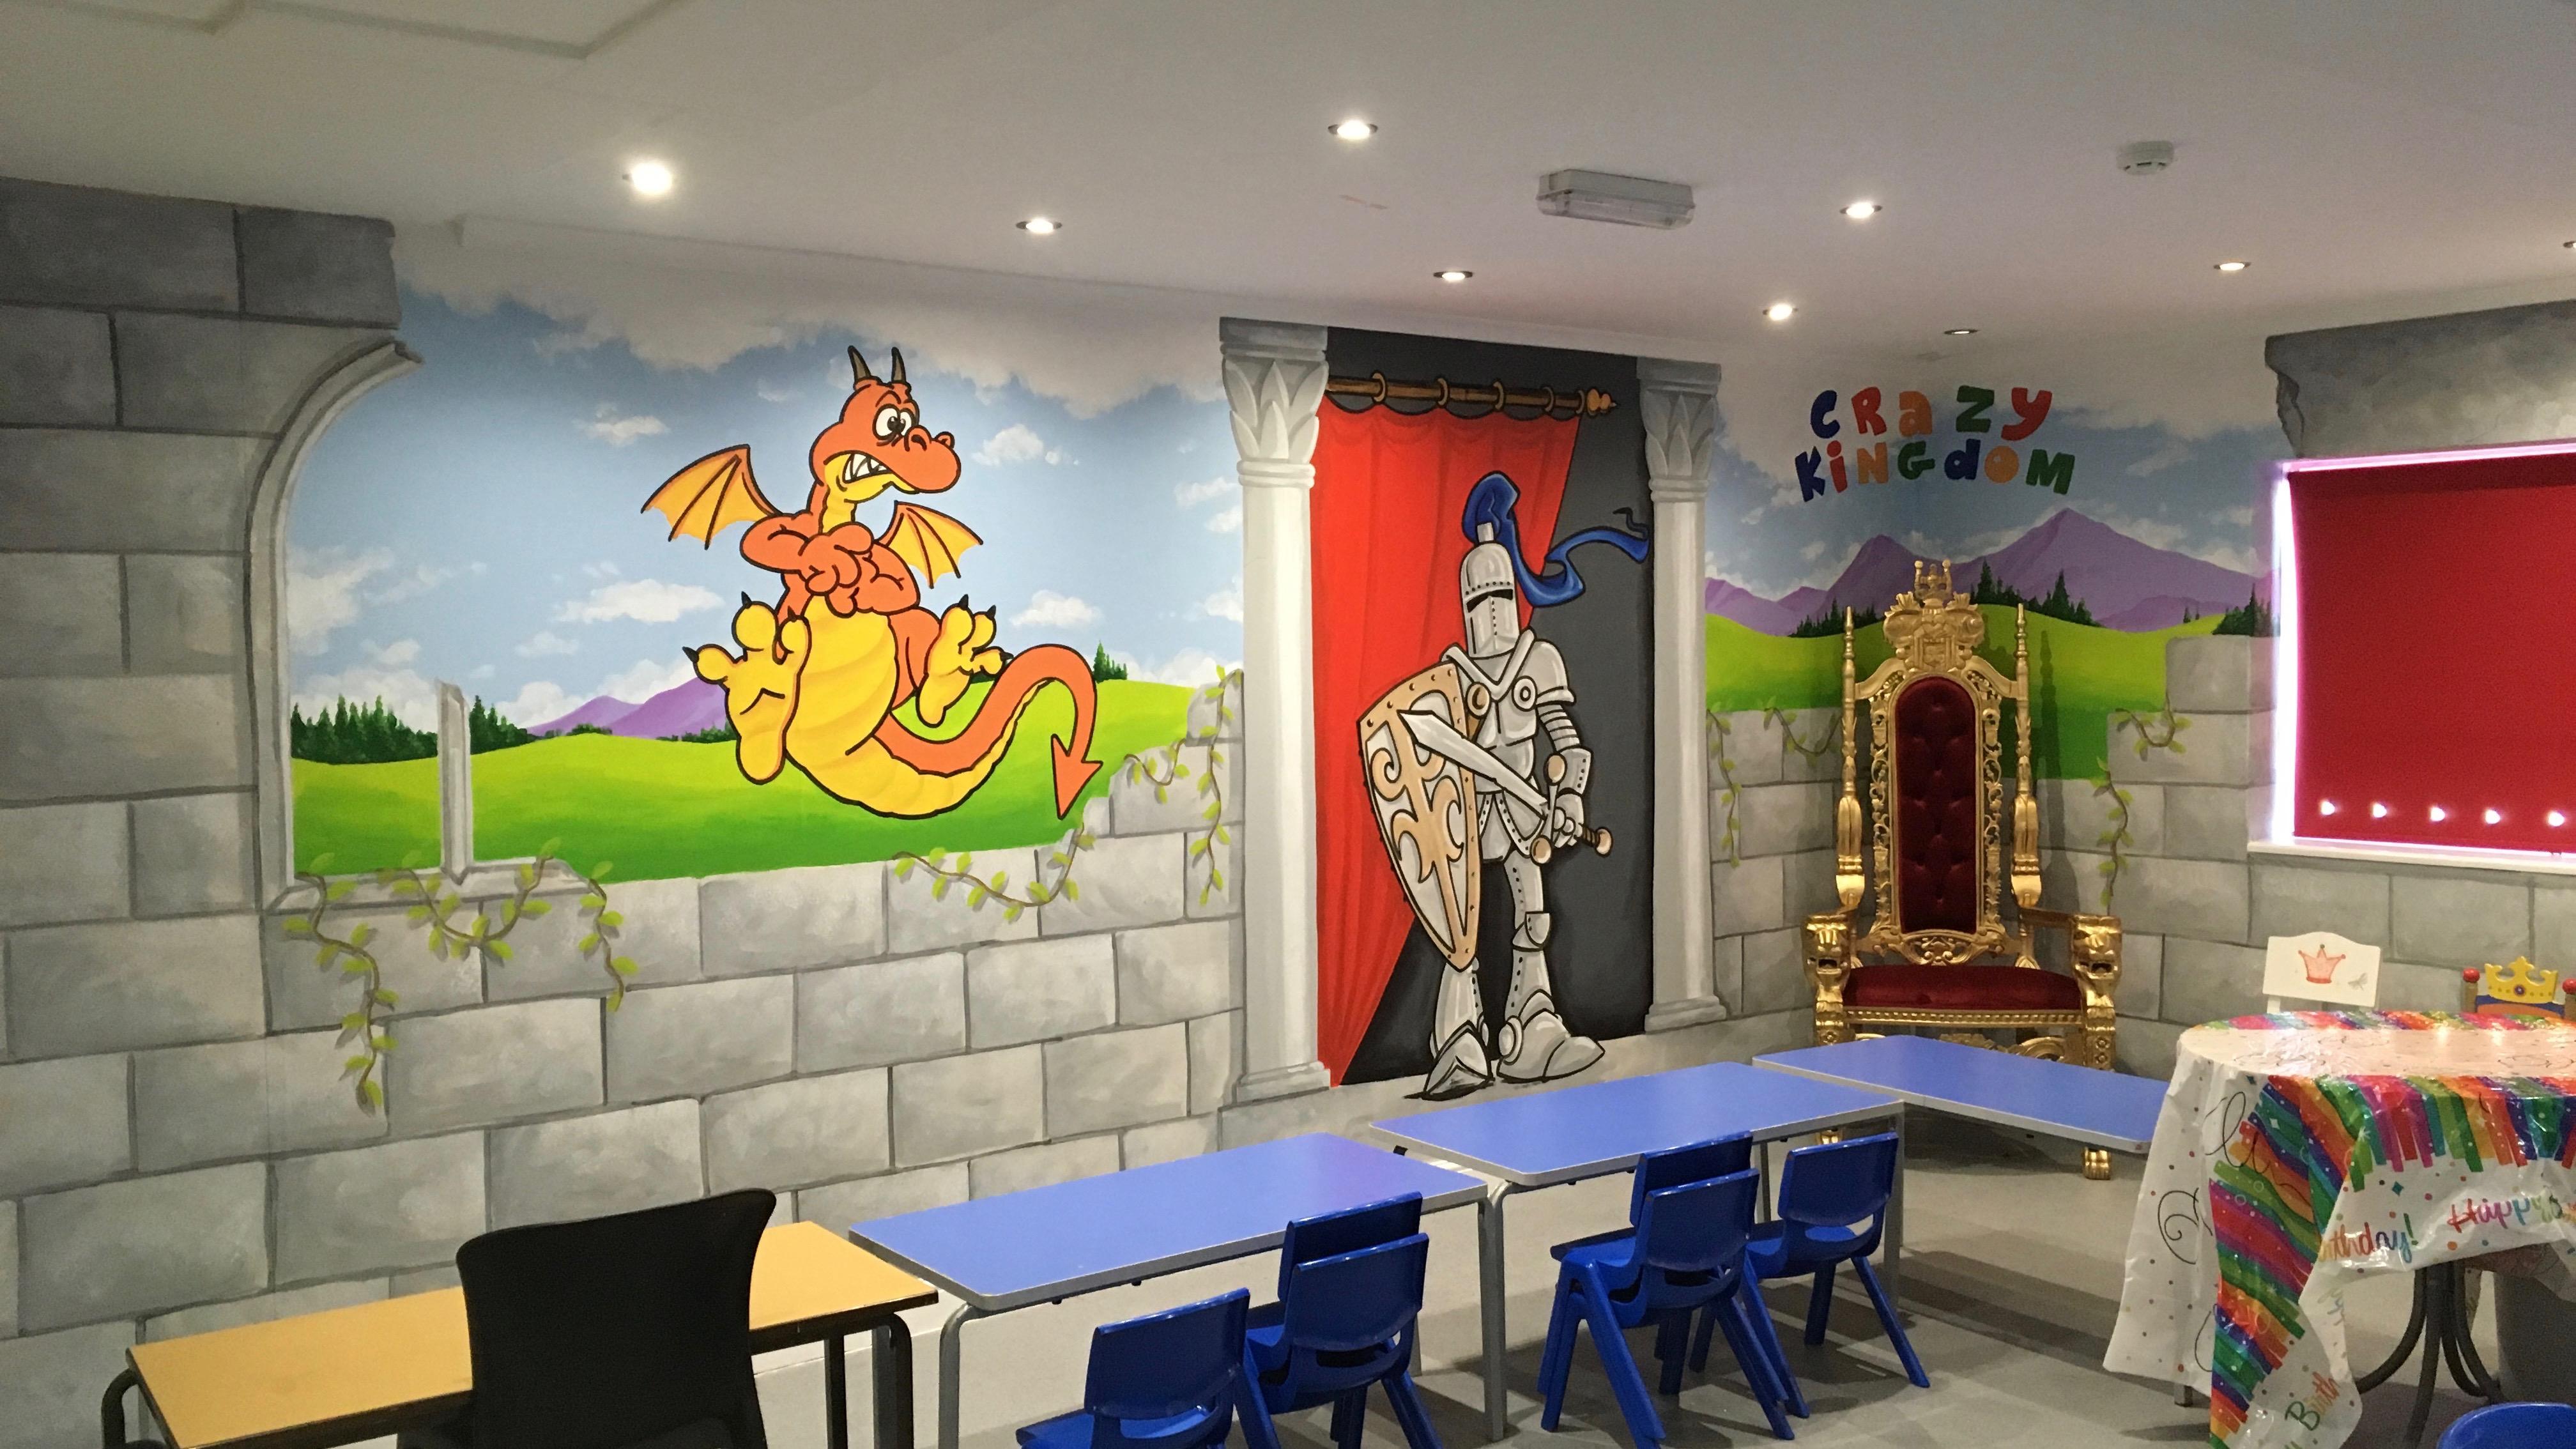 Crazy Kingdom Northallerton Party Room